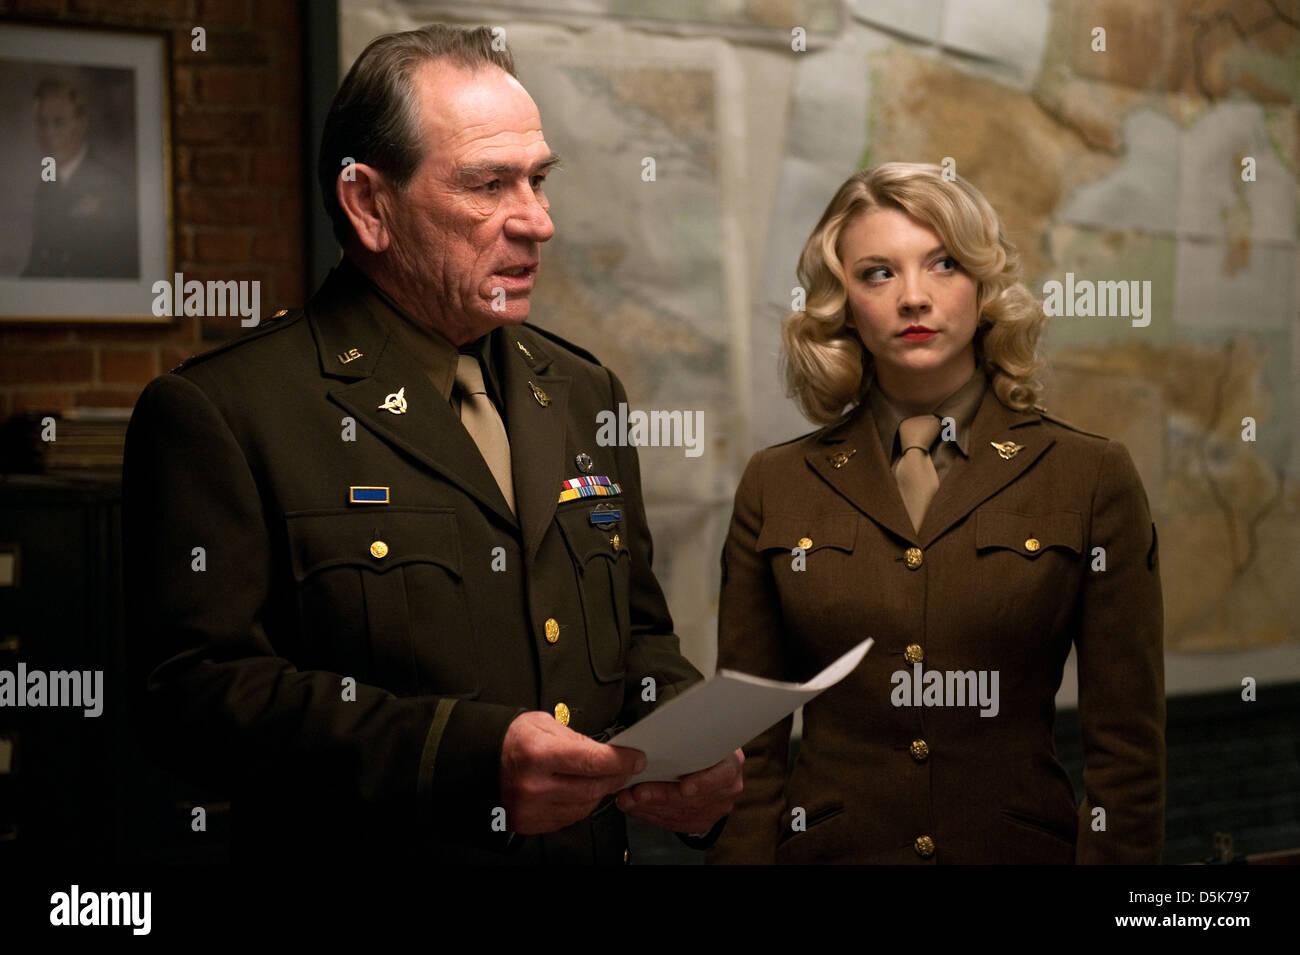 Captain america the first avenger 2011 - Stock Photo Tommy Lee Jones Natalie Dormer Captain America The First Avenger 2011